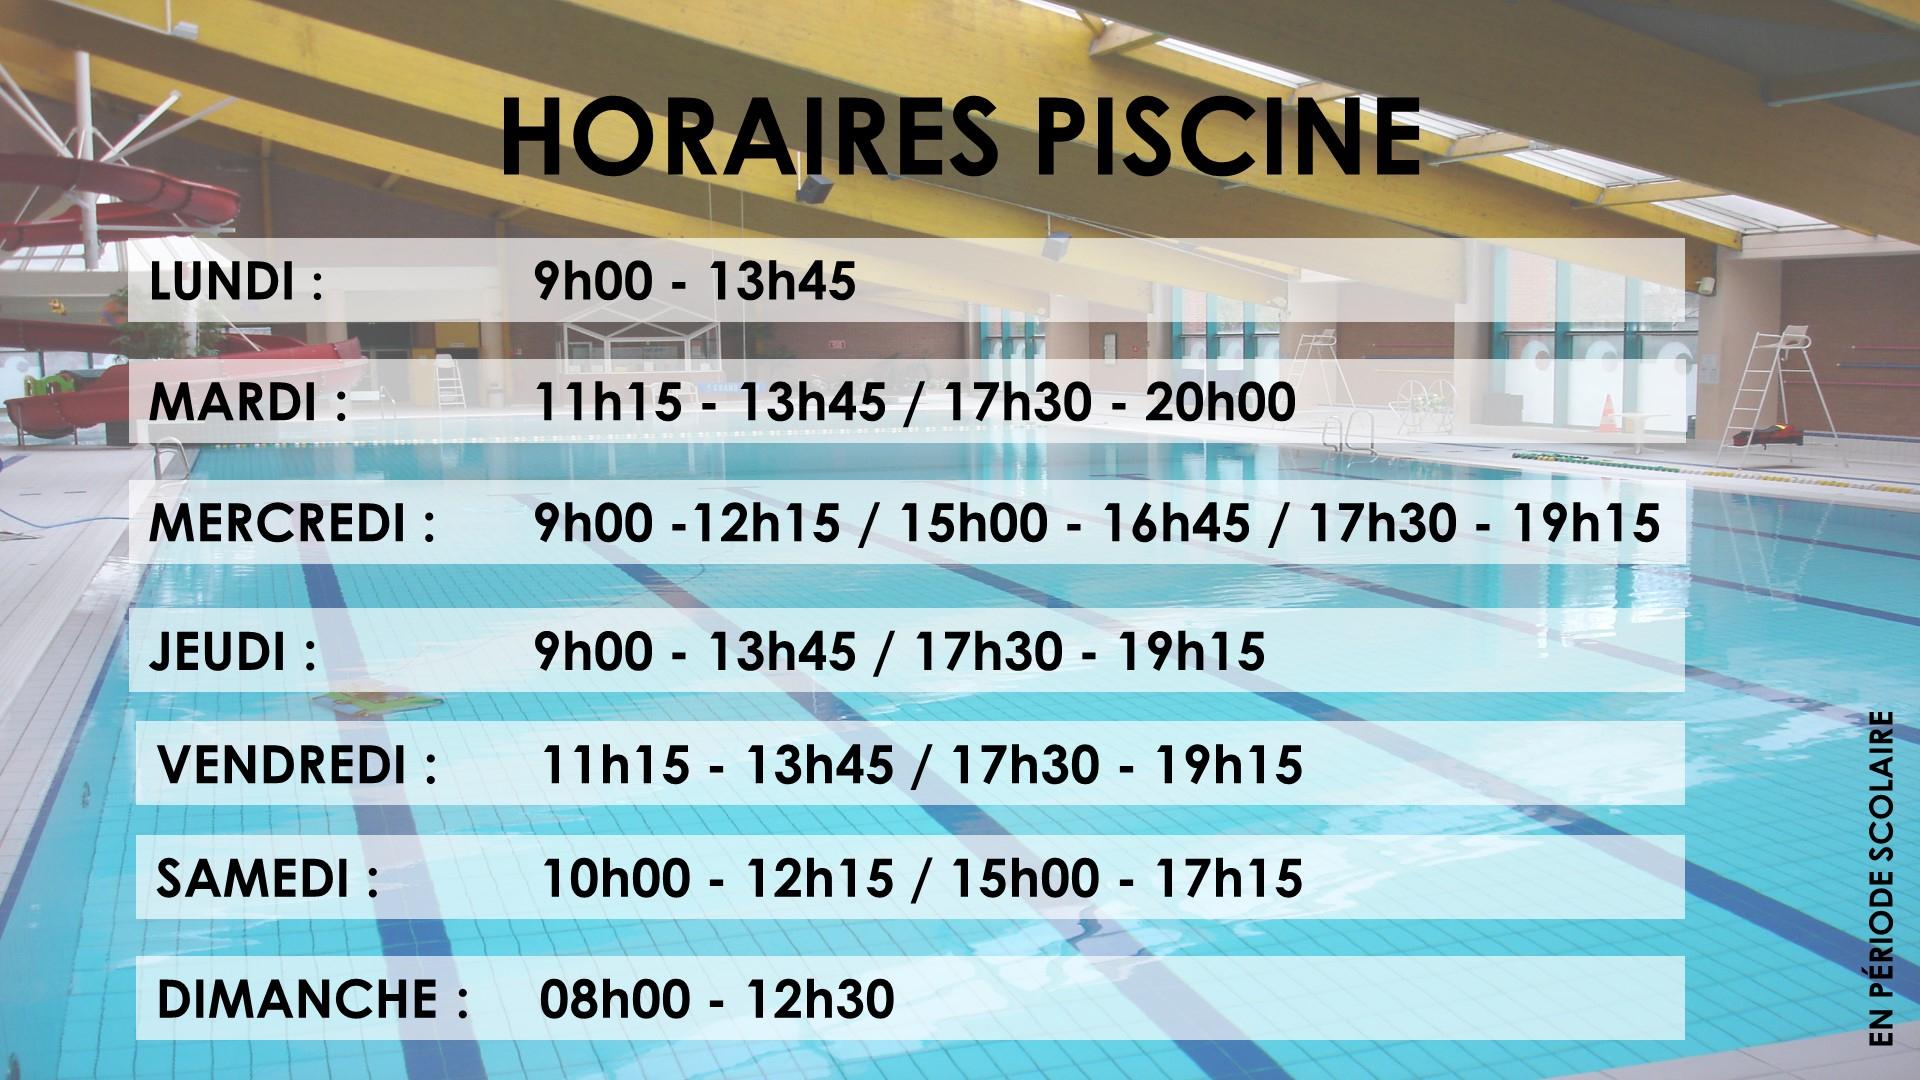 Horaires Thalassa, Horaires Piscine Roubaix destiné Piscine Thalassa Roubaix